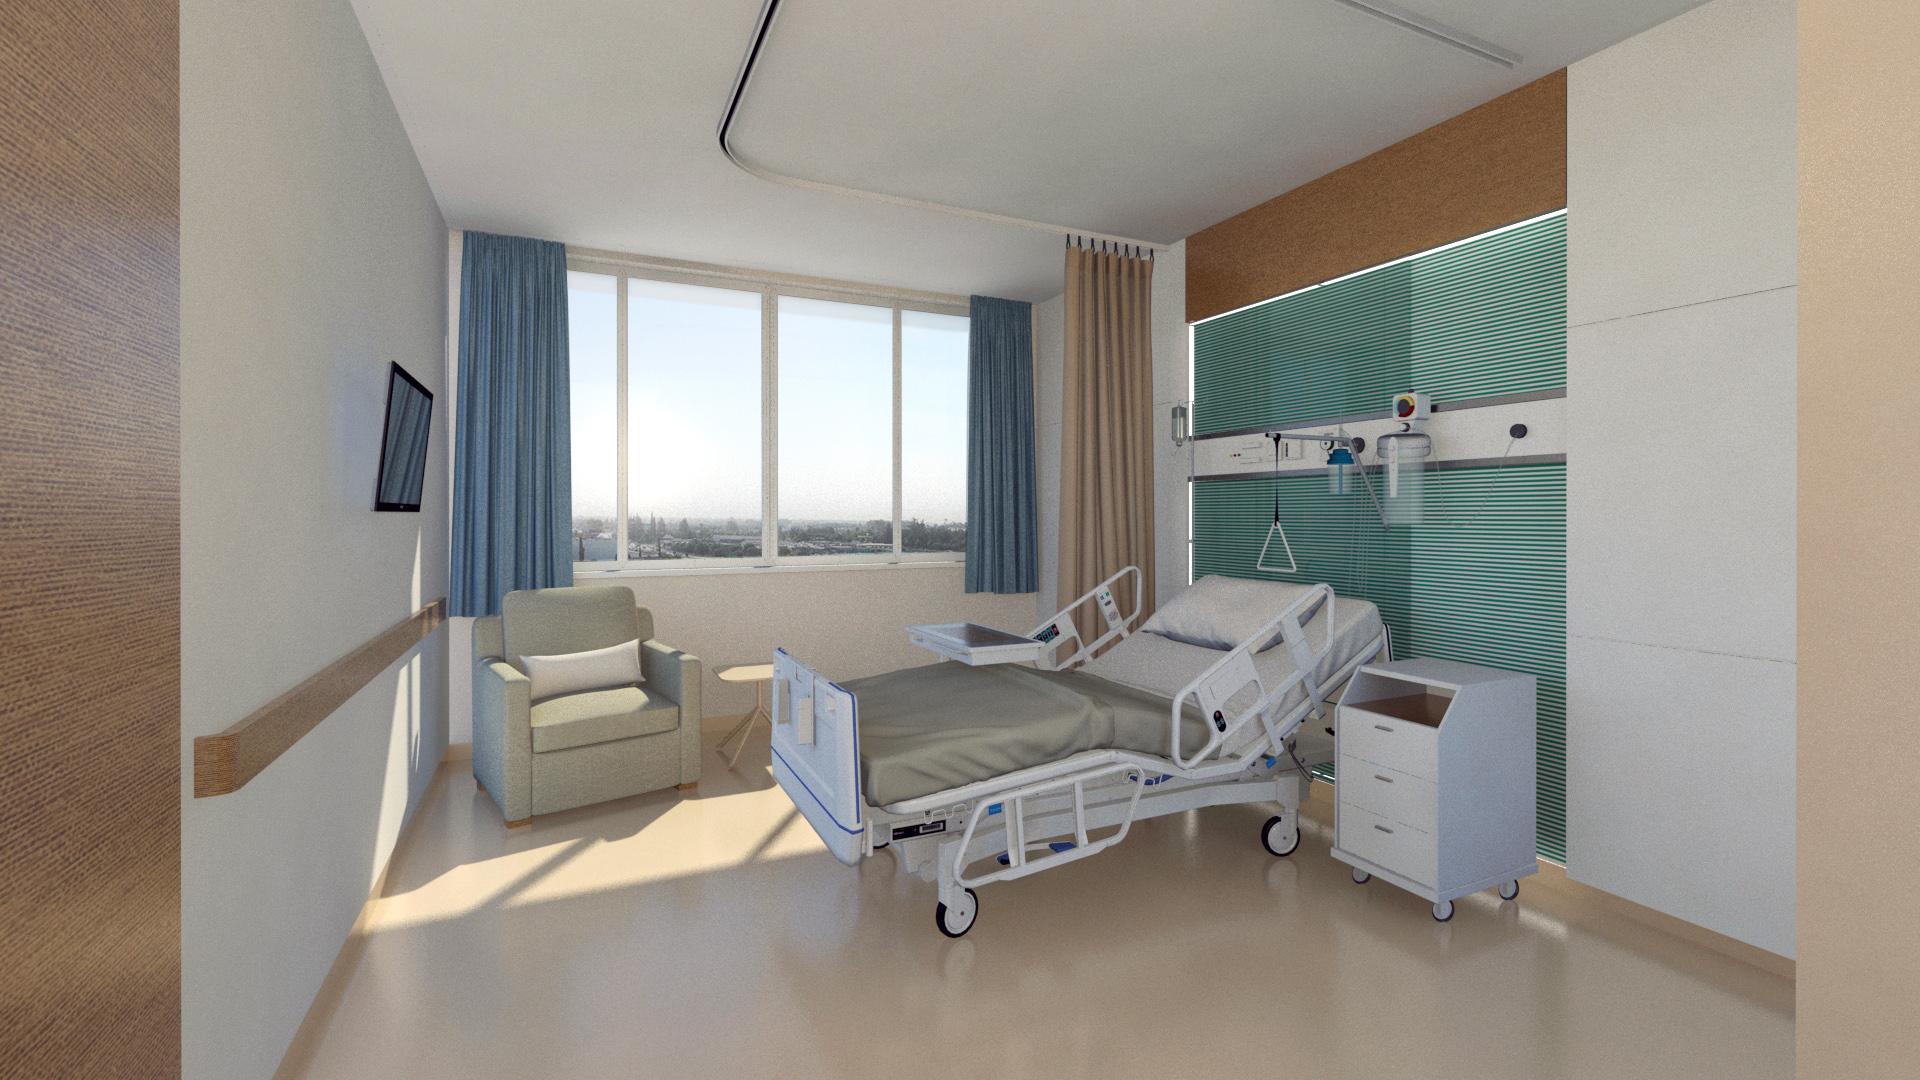 BONE MARROW TRANSPLANT FACILITIES - APOLONION HOSPITAL